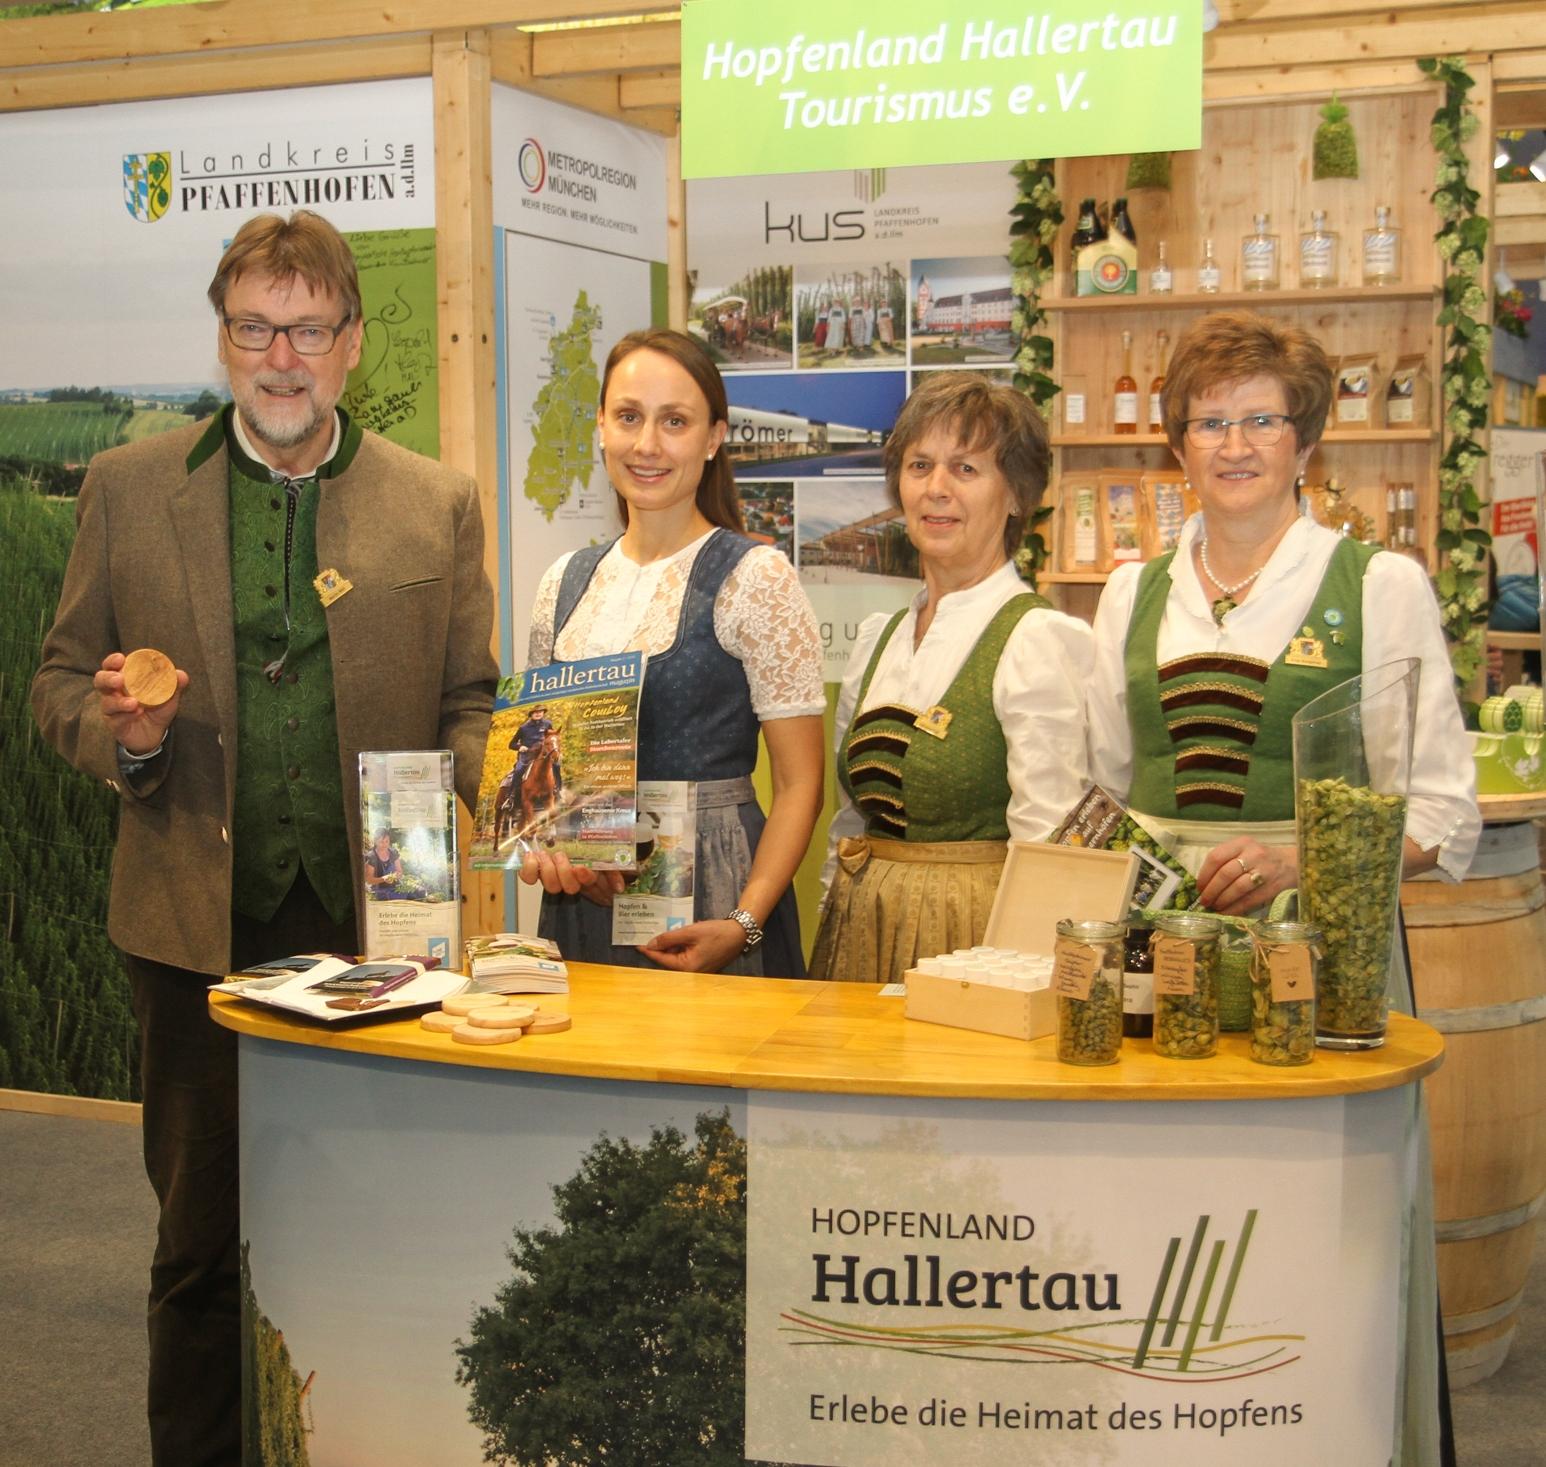 Hallertau Tourismus e.V. wirbt für Erholung und Genuss im Hopfenland